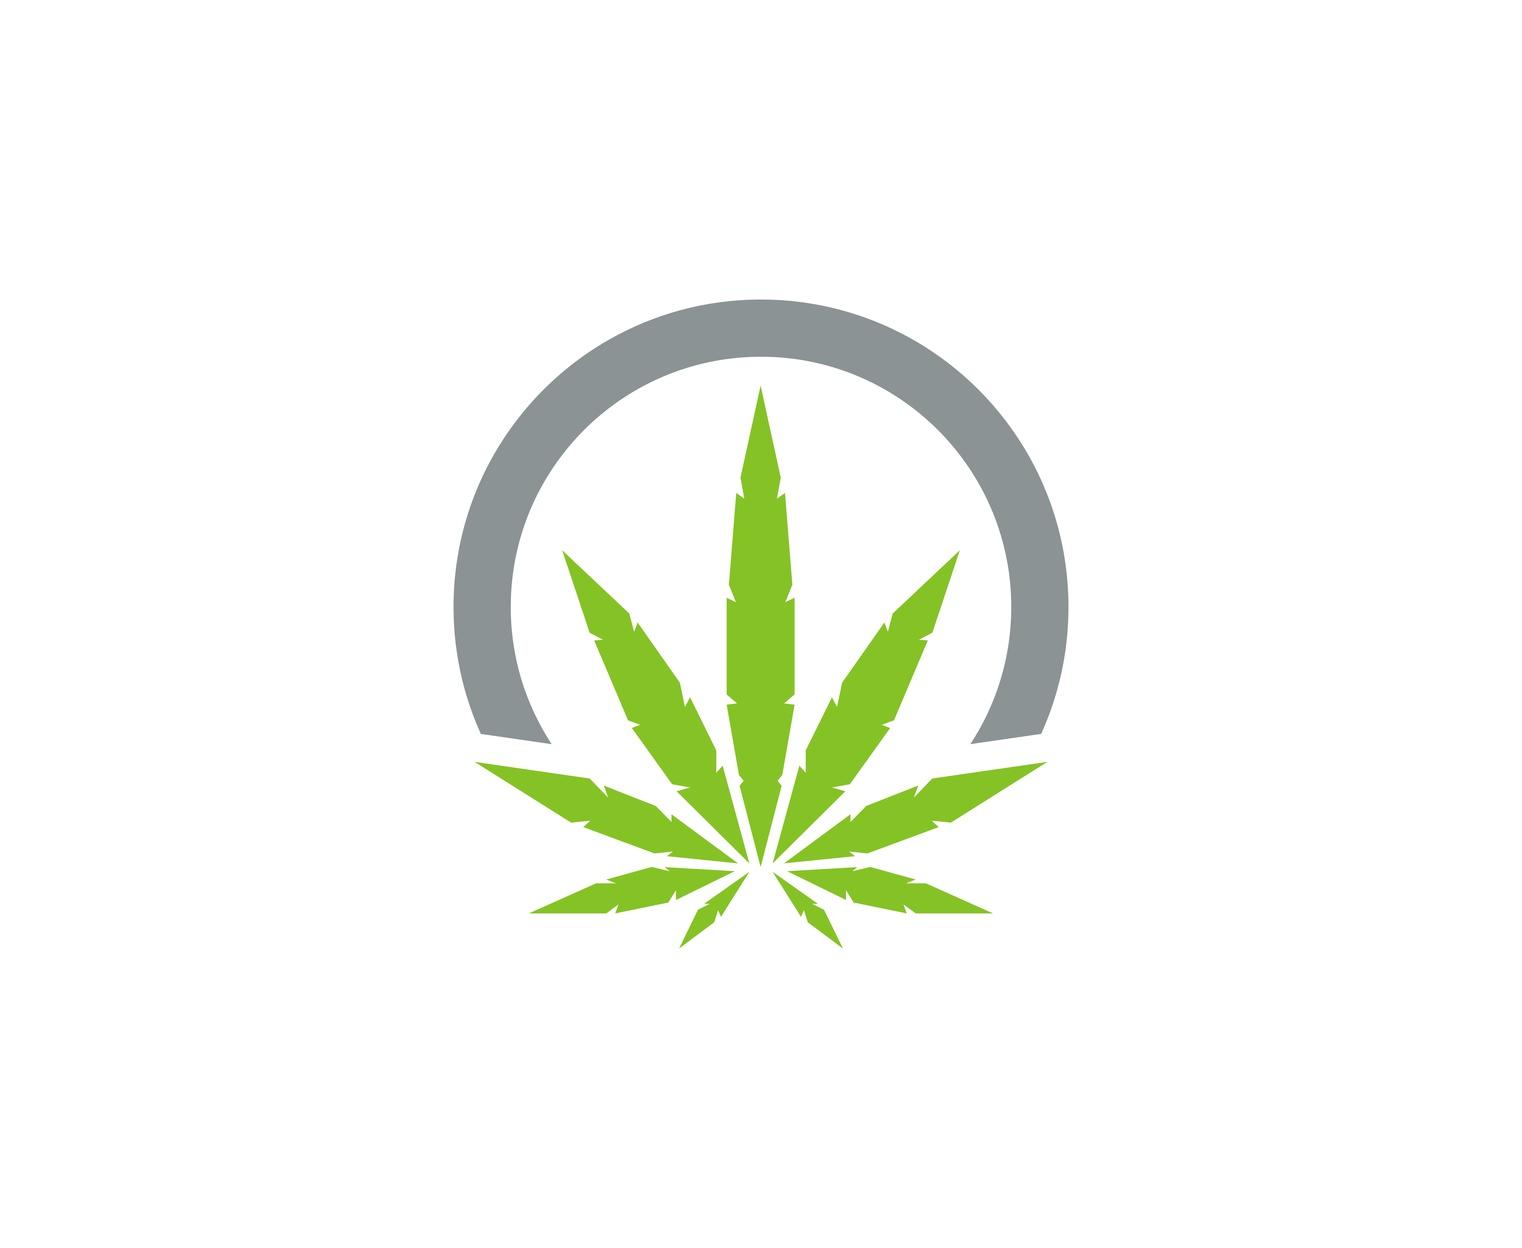 weed logo hd - photo #1